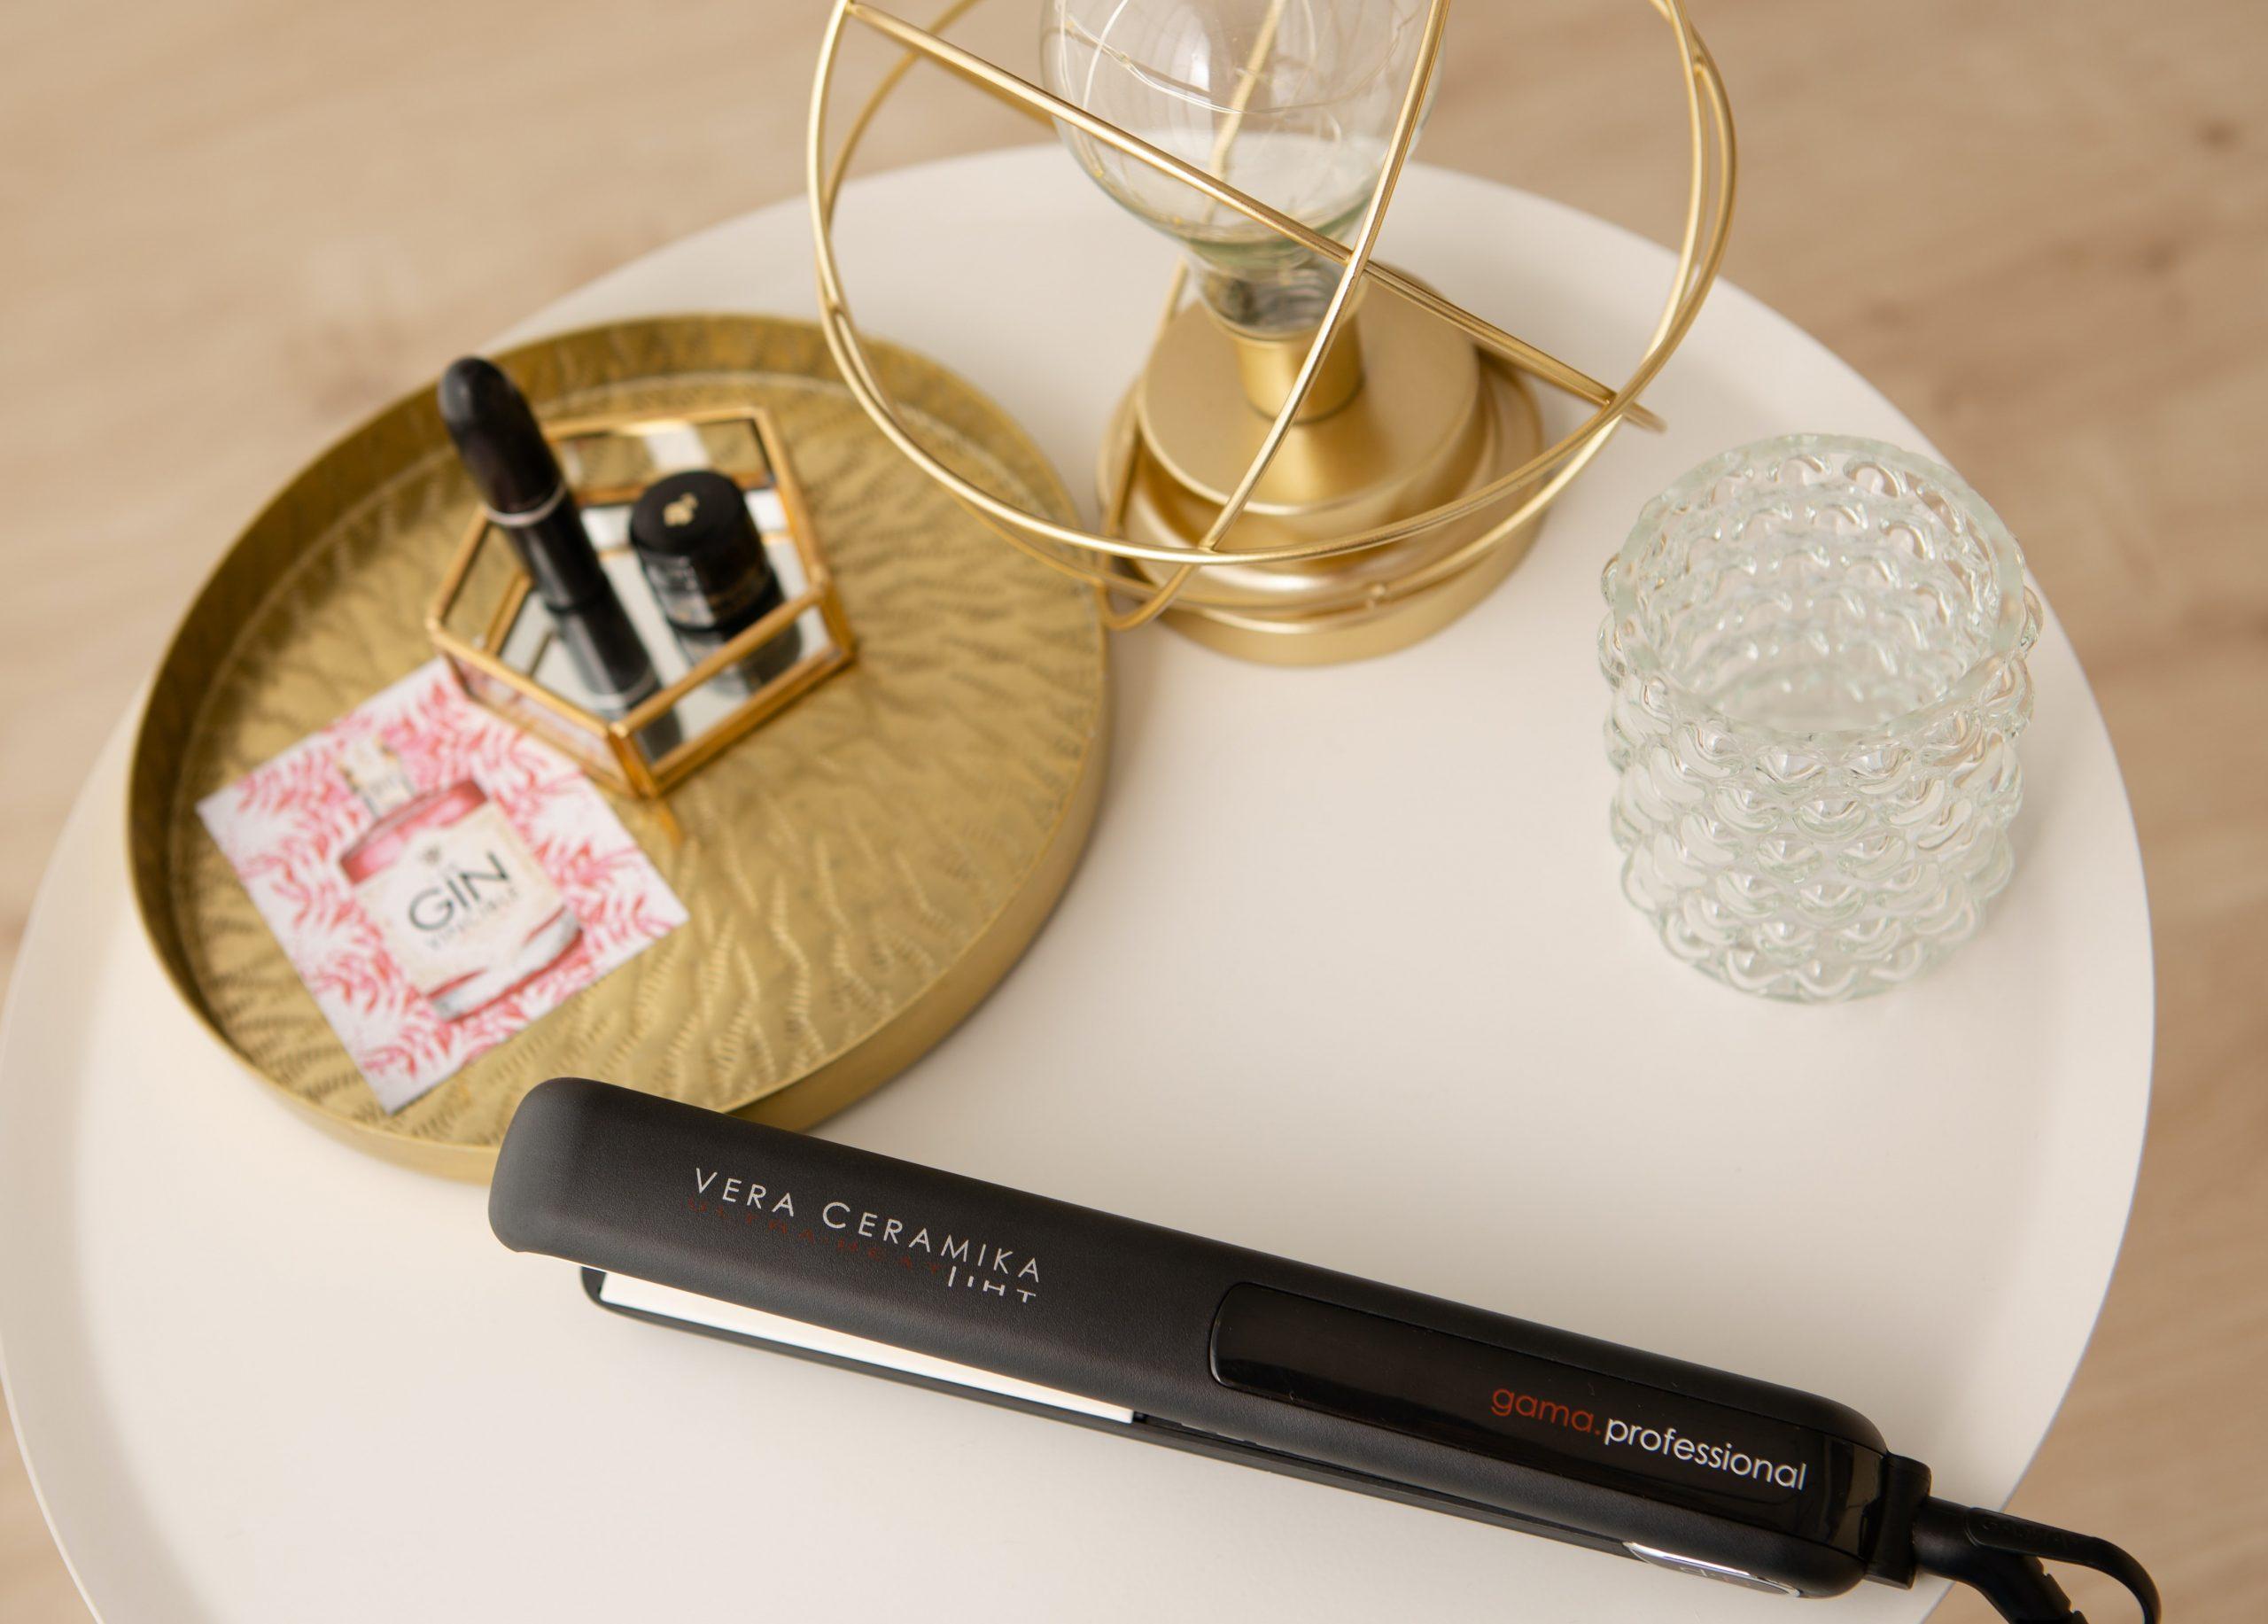 chapinha preta em cima de uma mesinha com batons e luminária ao lado